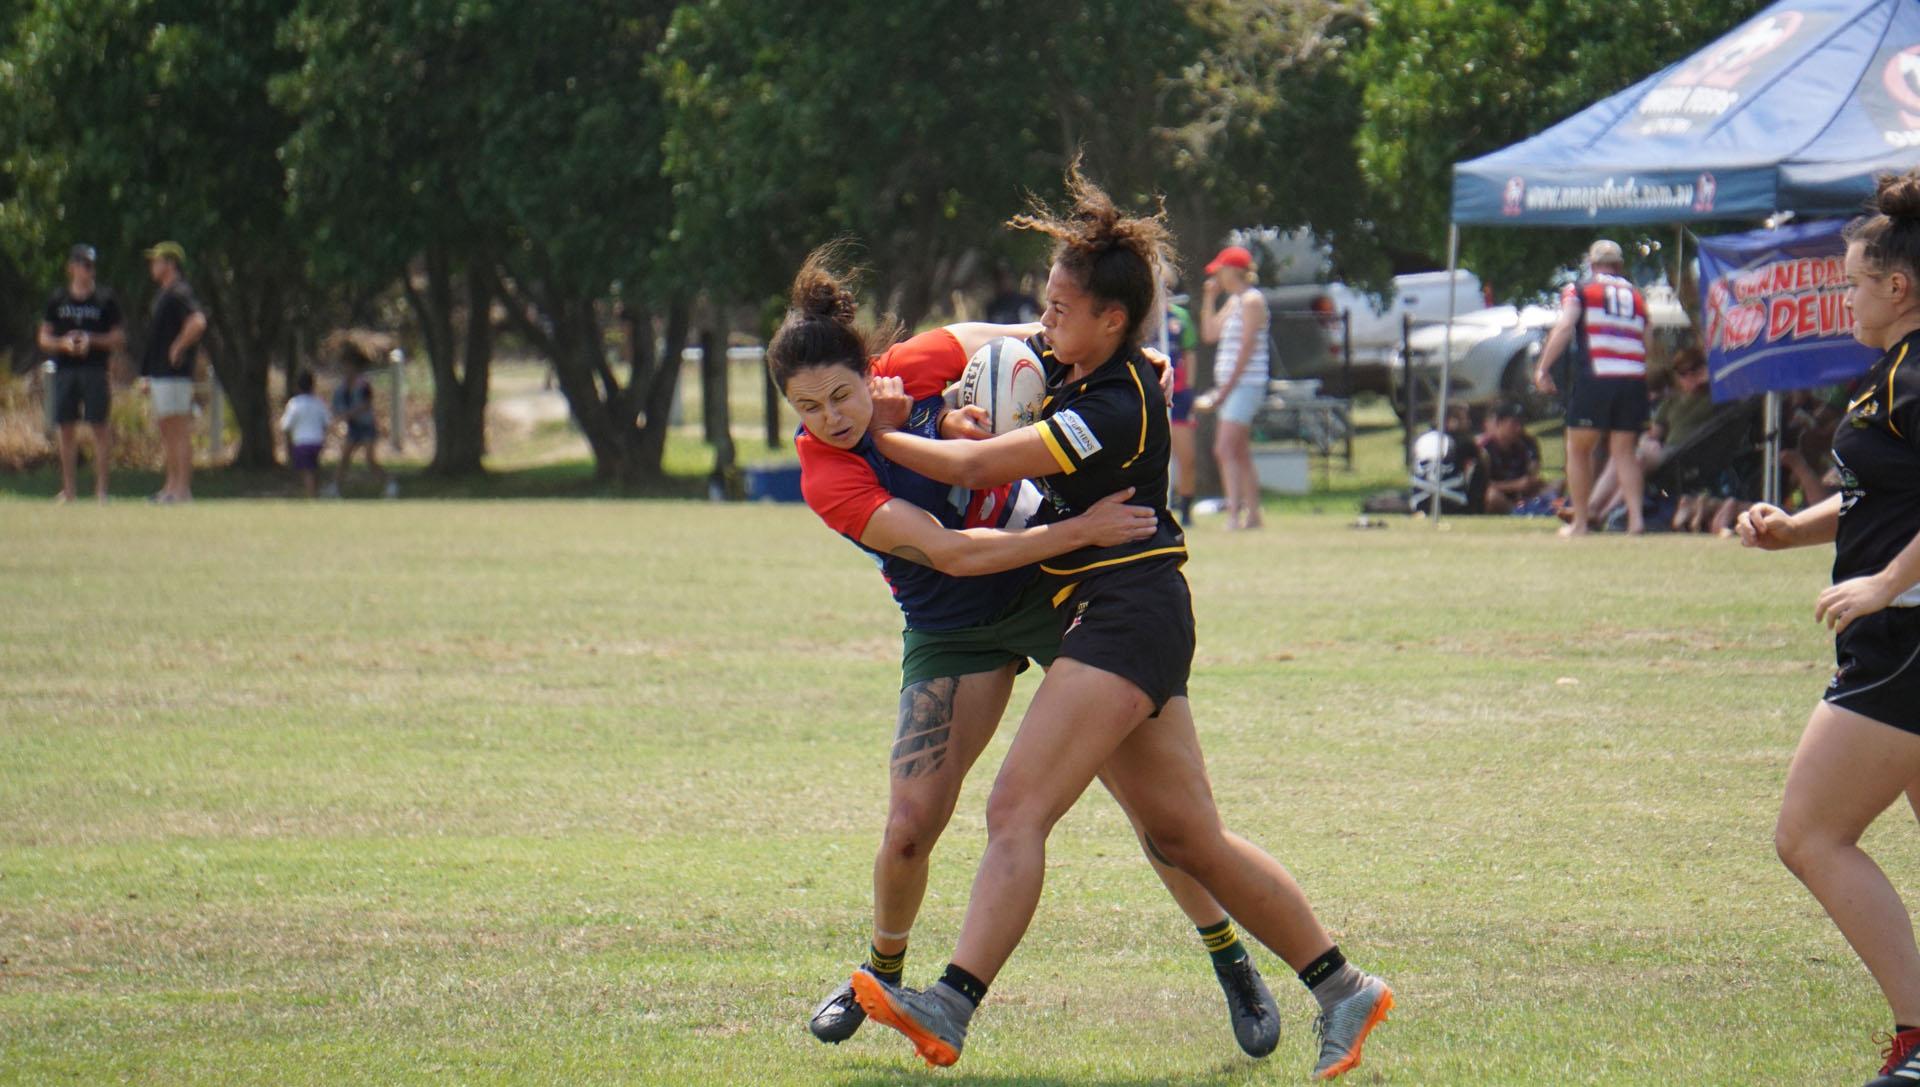 191019-20_Byron Bay Rugby 7s 2019_169